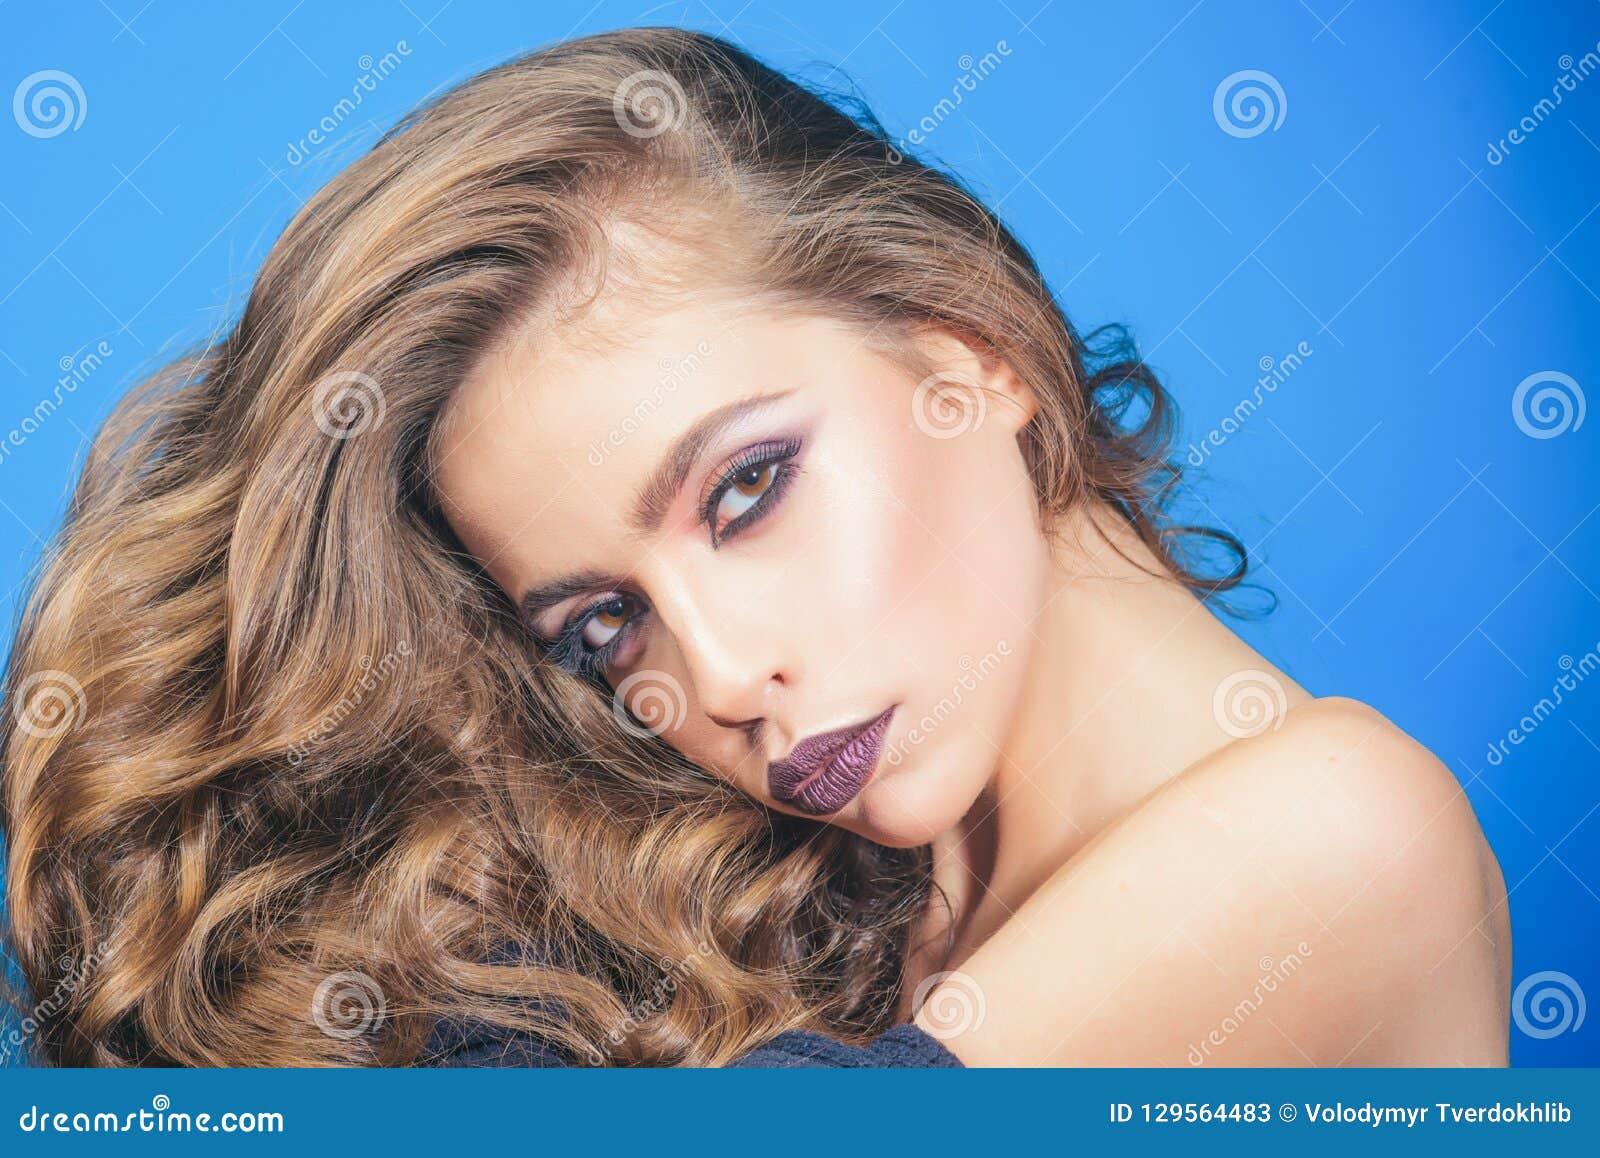 Καλλυντικά Makeup και skincare Σαλόνι και κομμωτής ομορφιάς κορίτσι μόδας με τη γοητεία makeup γυναίκα πορτρέτου μόδας